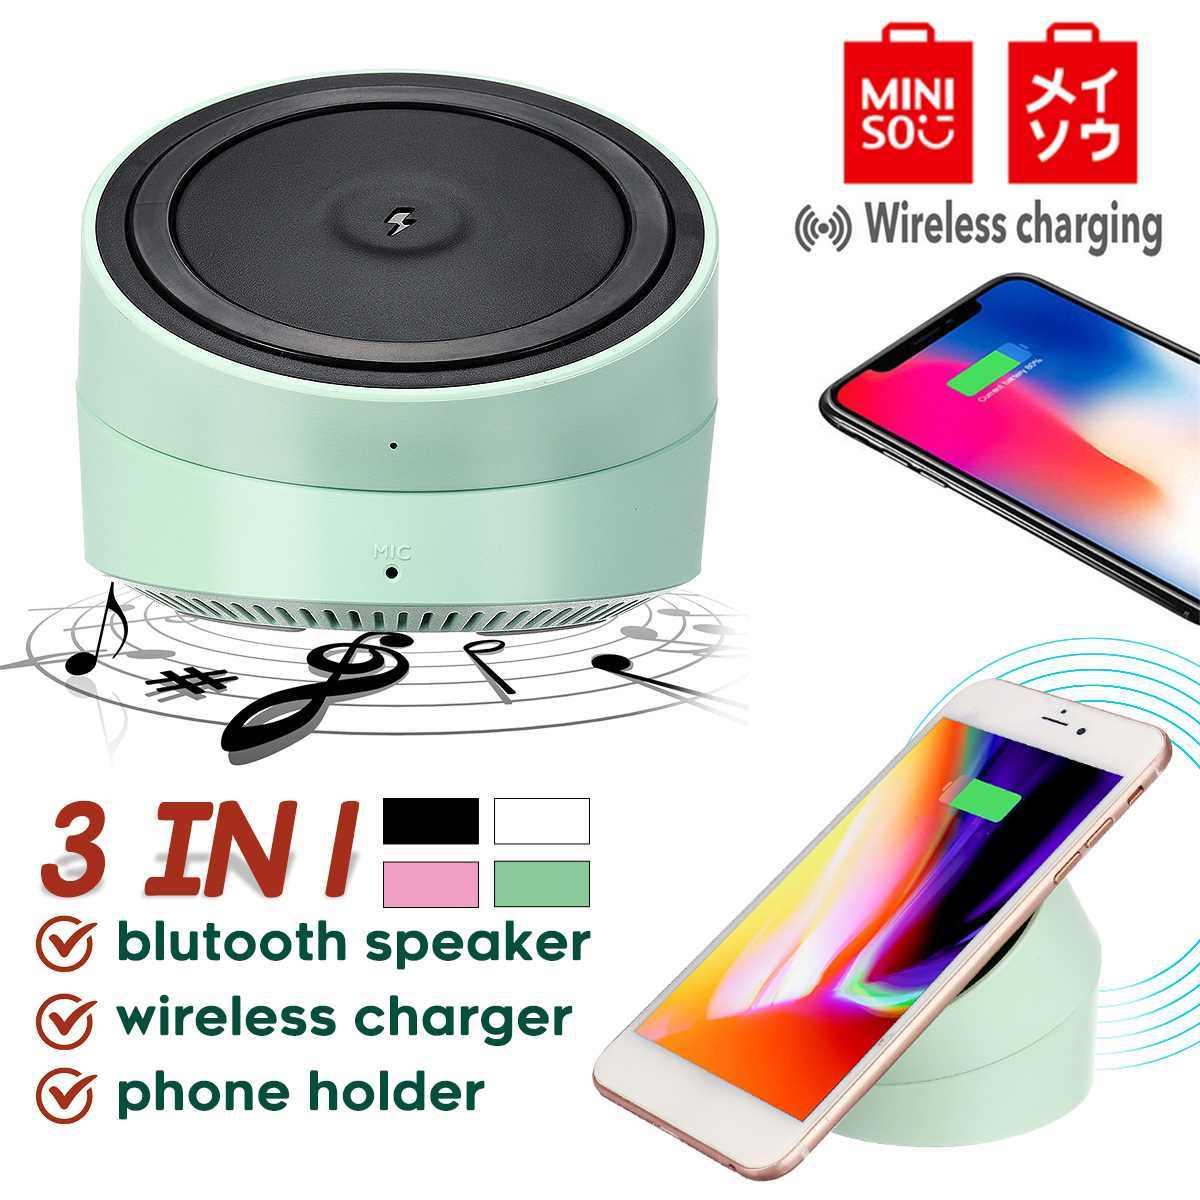 Miniso Bluetooth Speaker Portable Charger Nirkabel Pengeras Suara Tidak Dapat Dipisahkan dengan Bt Speaker untuk Ponsel Komputer Stereo Musik